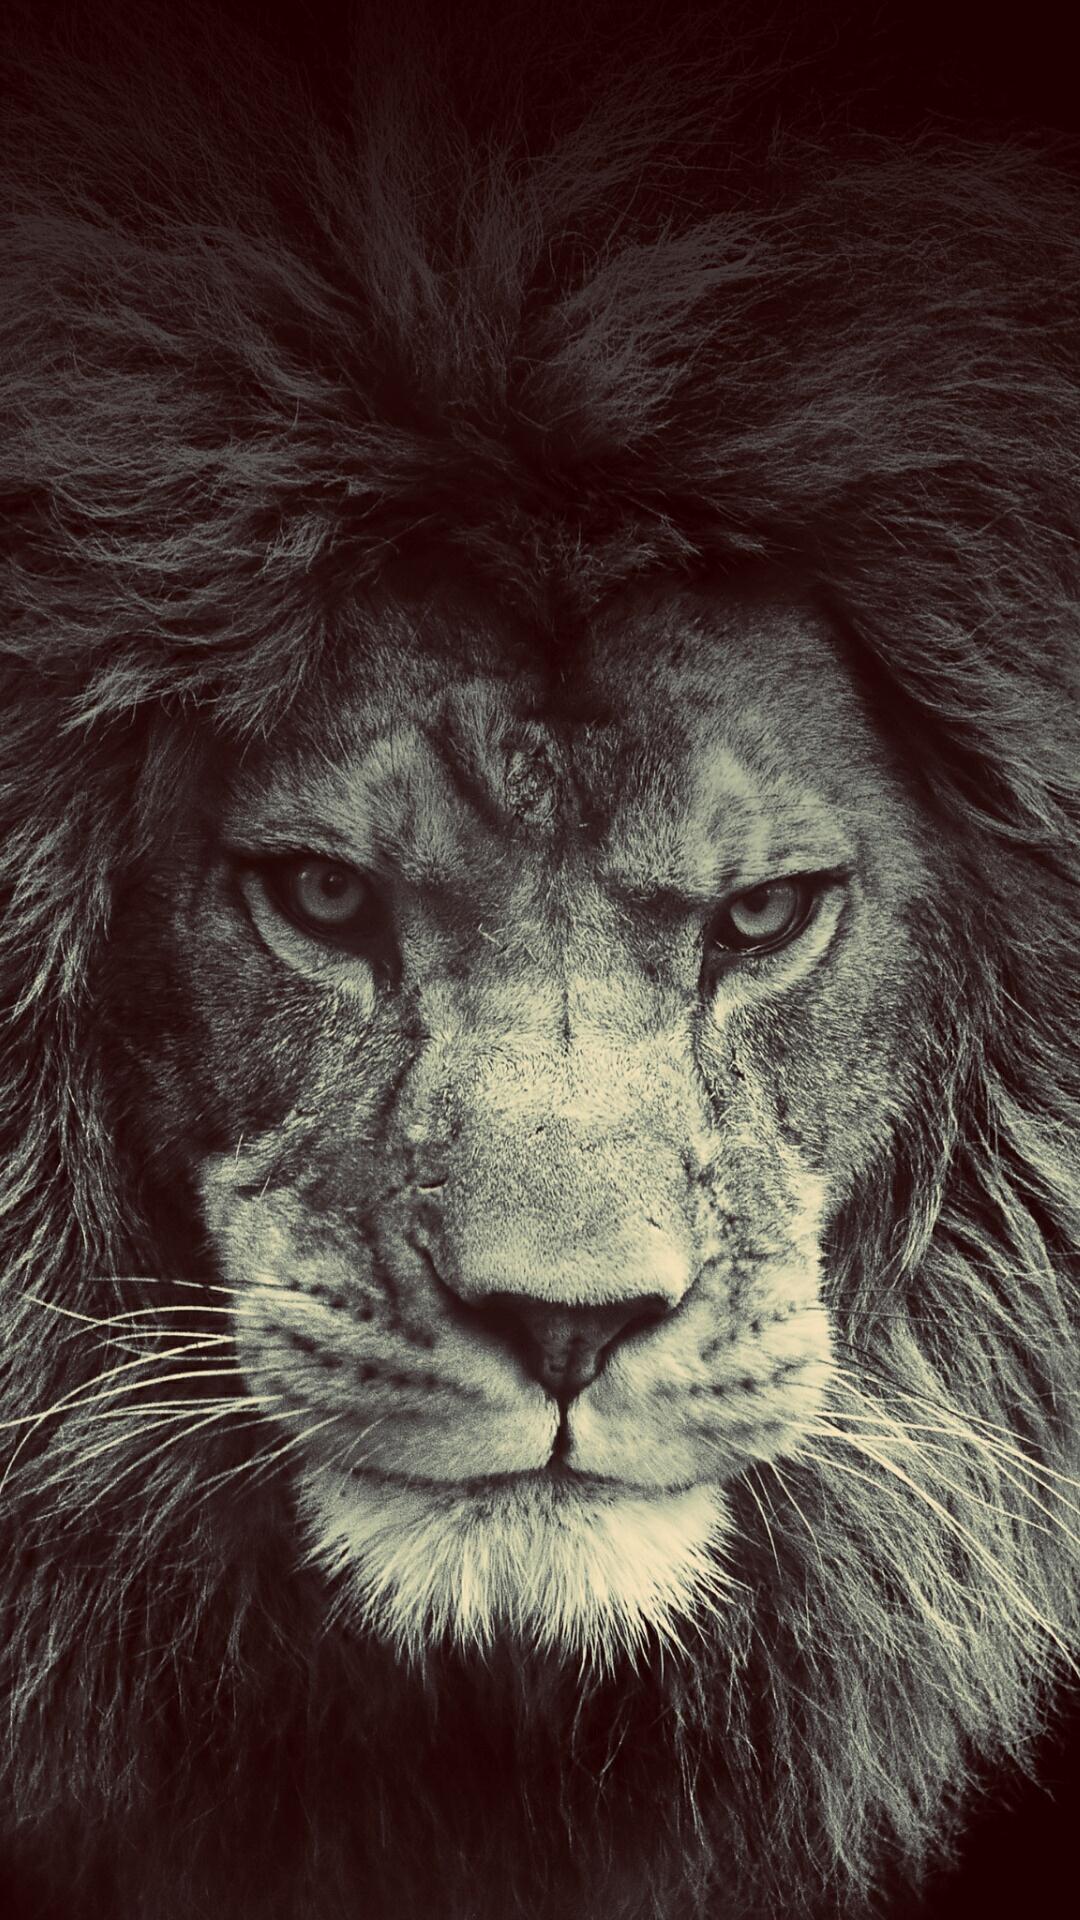 iPhone wallpaper lion3 Lion